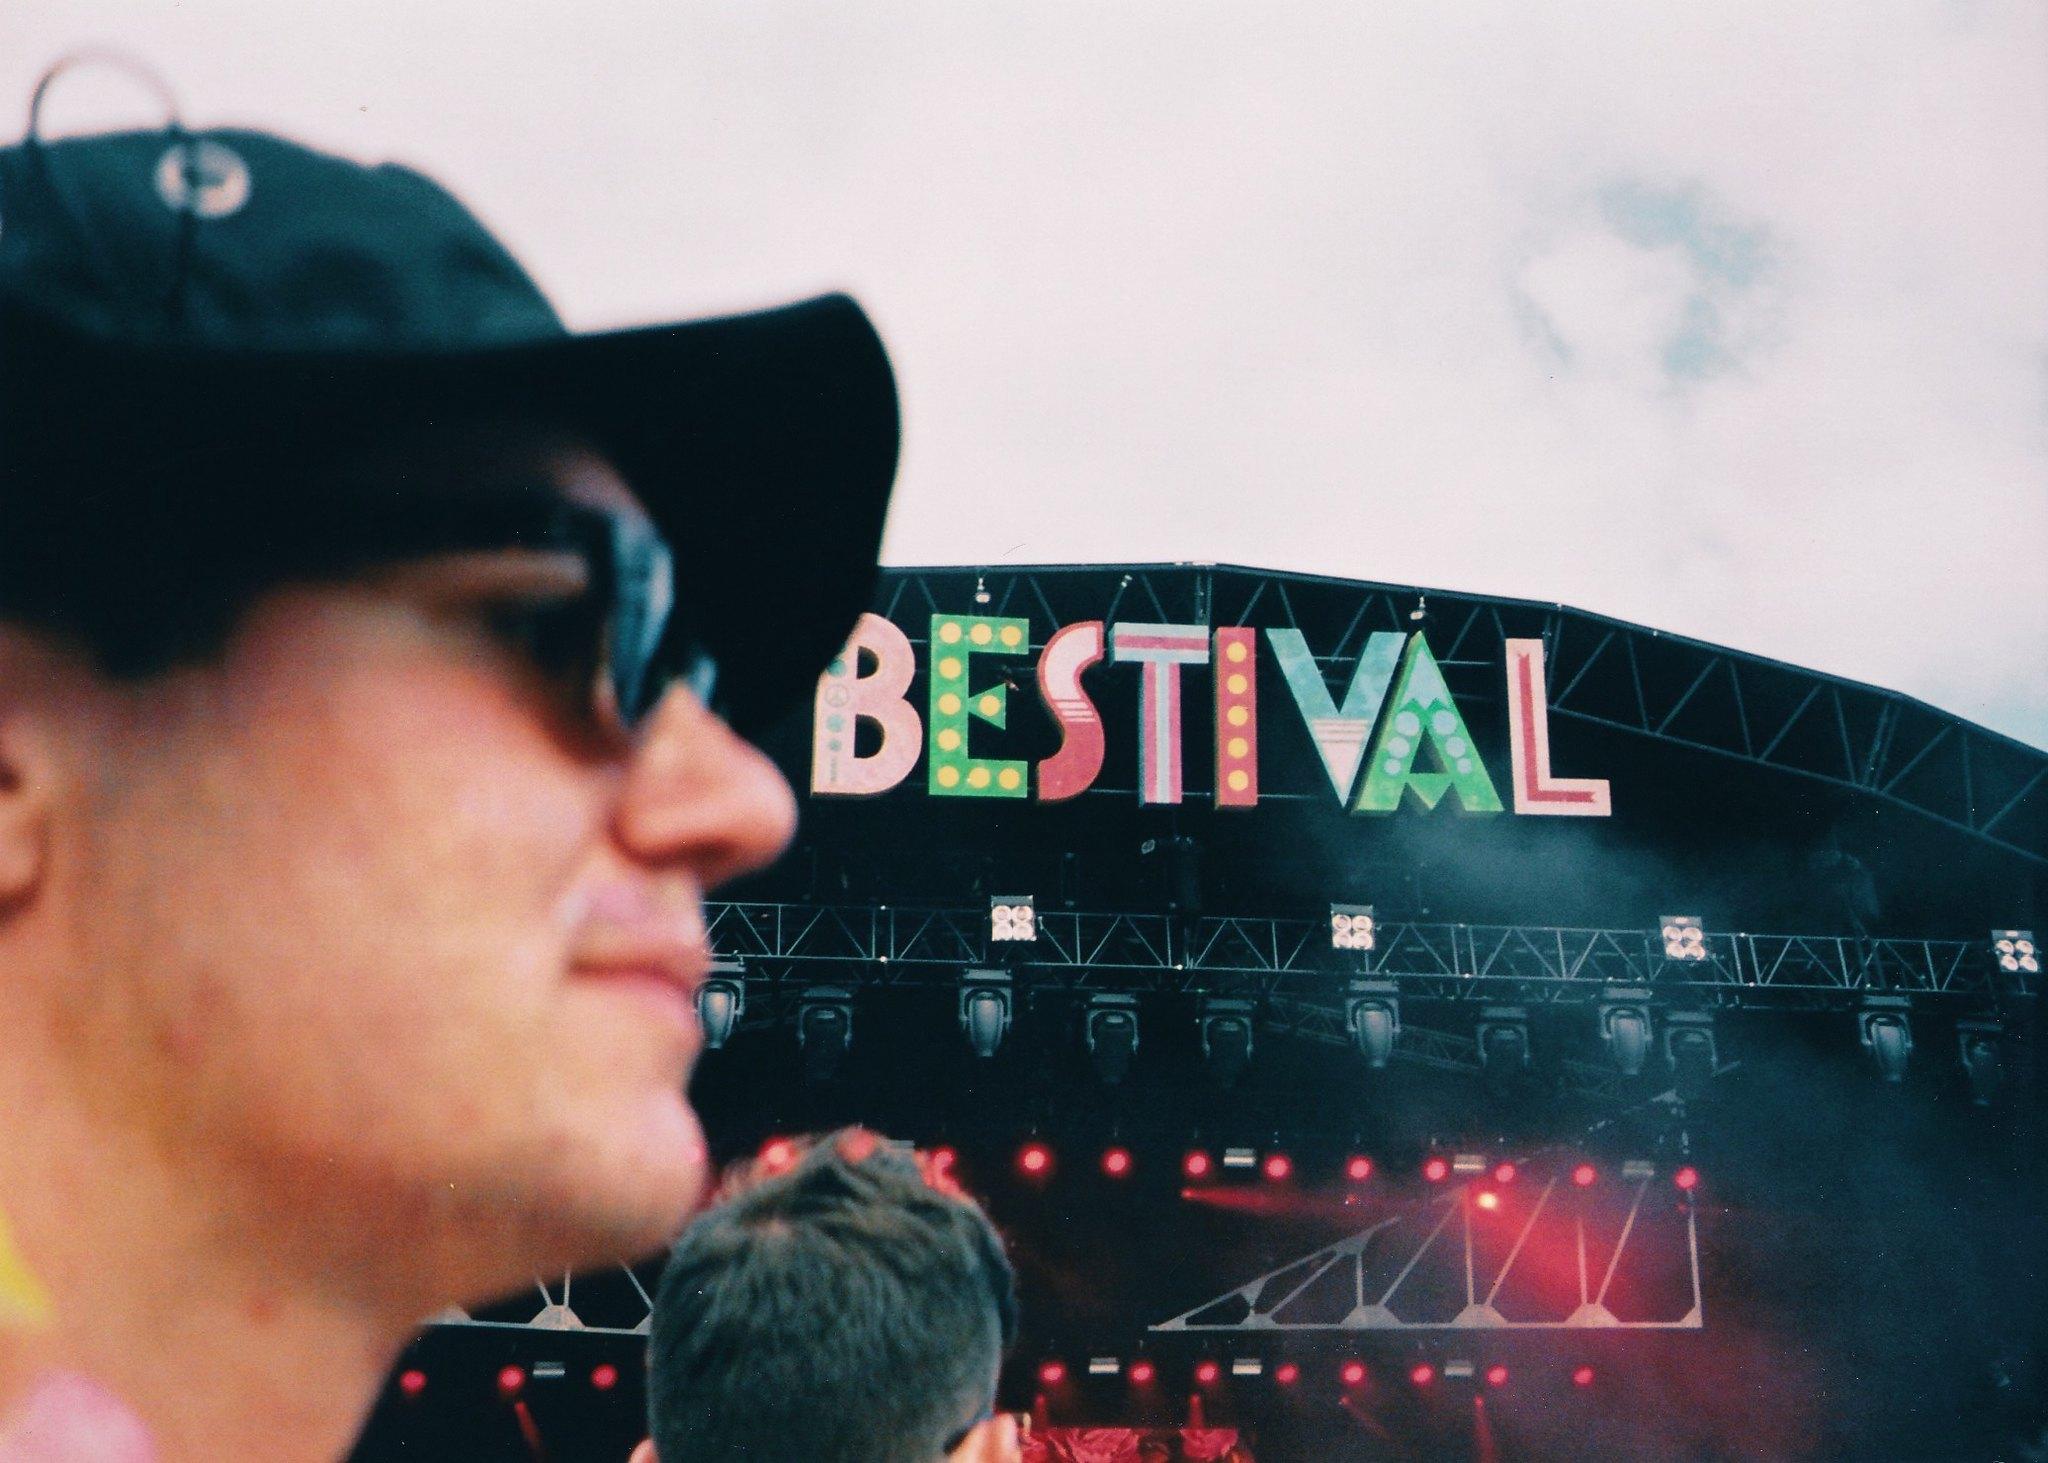 Bestival 2018 | blog review | music festival | plantsandgoodvibes | Bestival logo Richard